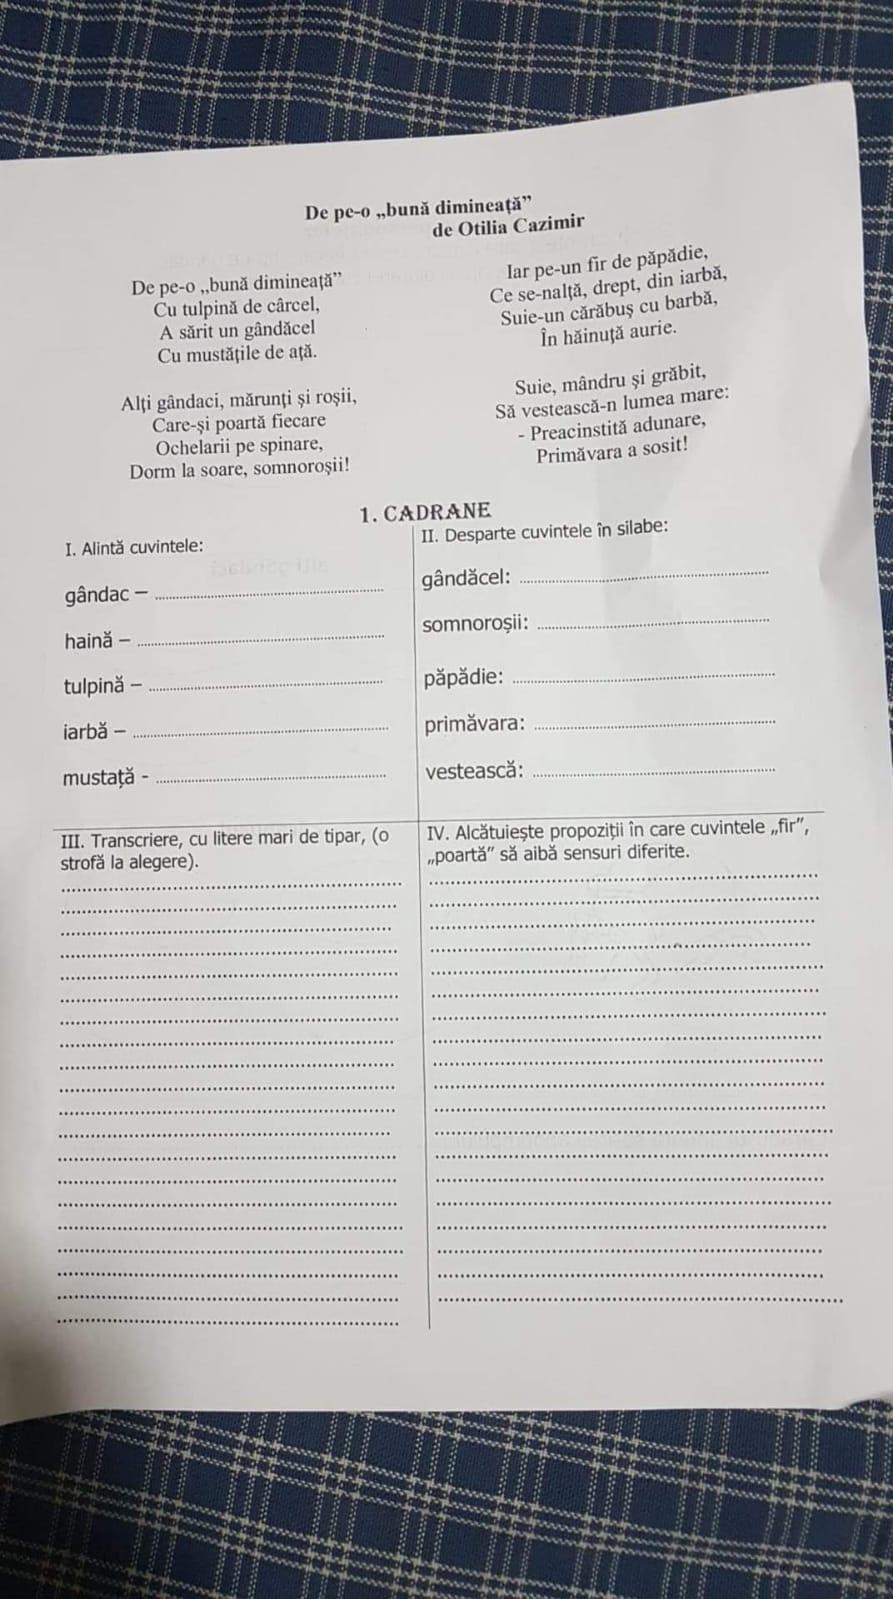 Desparte in silabe